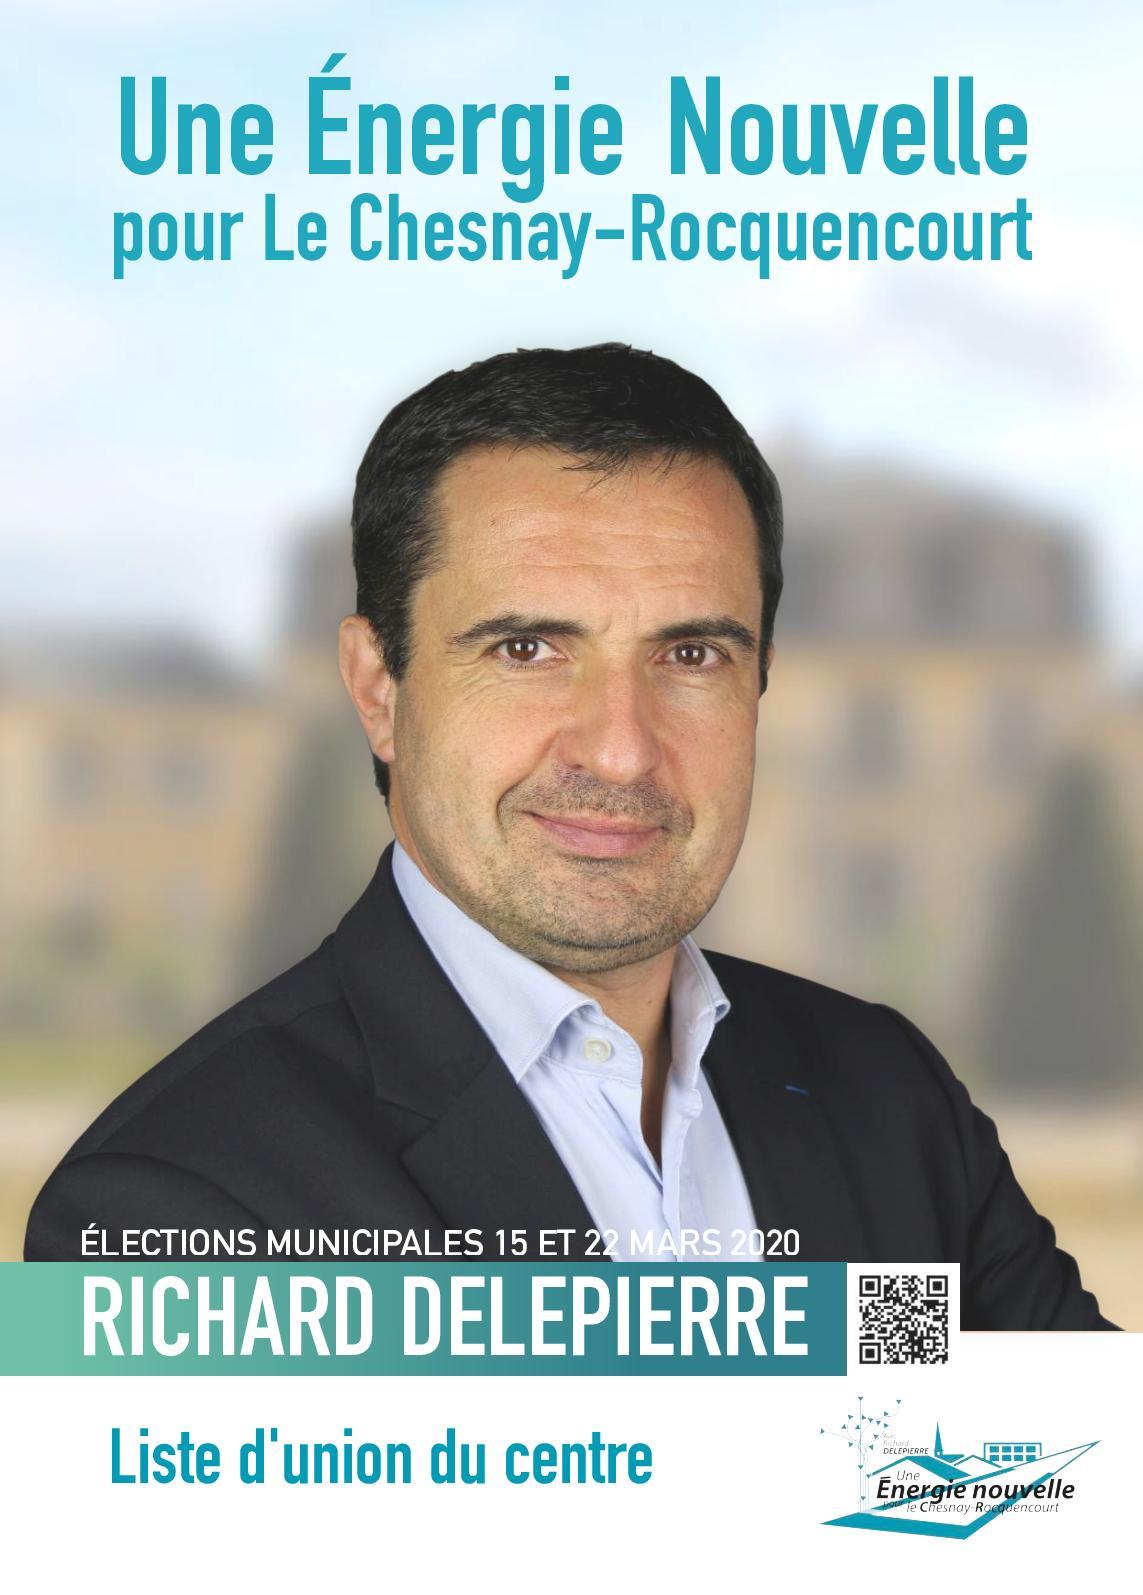 rencontre gay paris à Le Chesnay-Rocquencourt